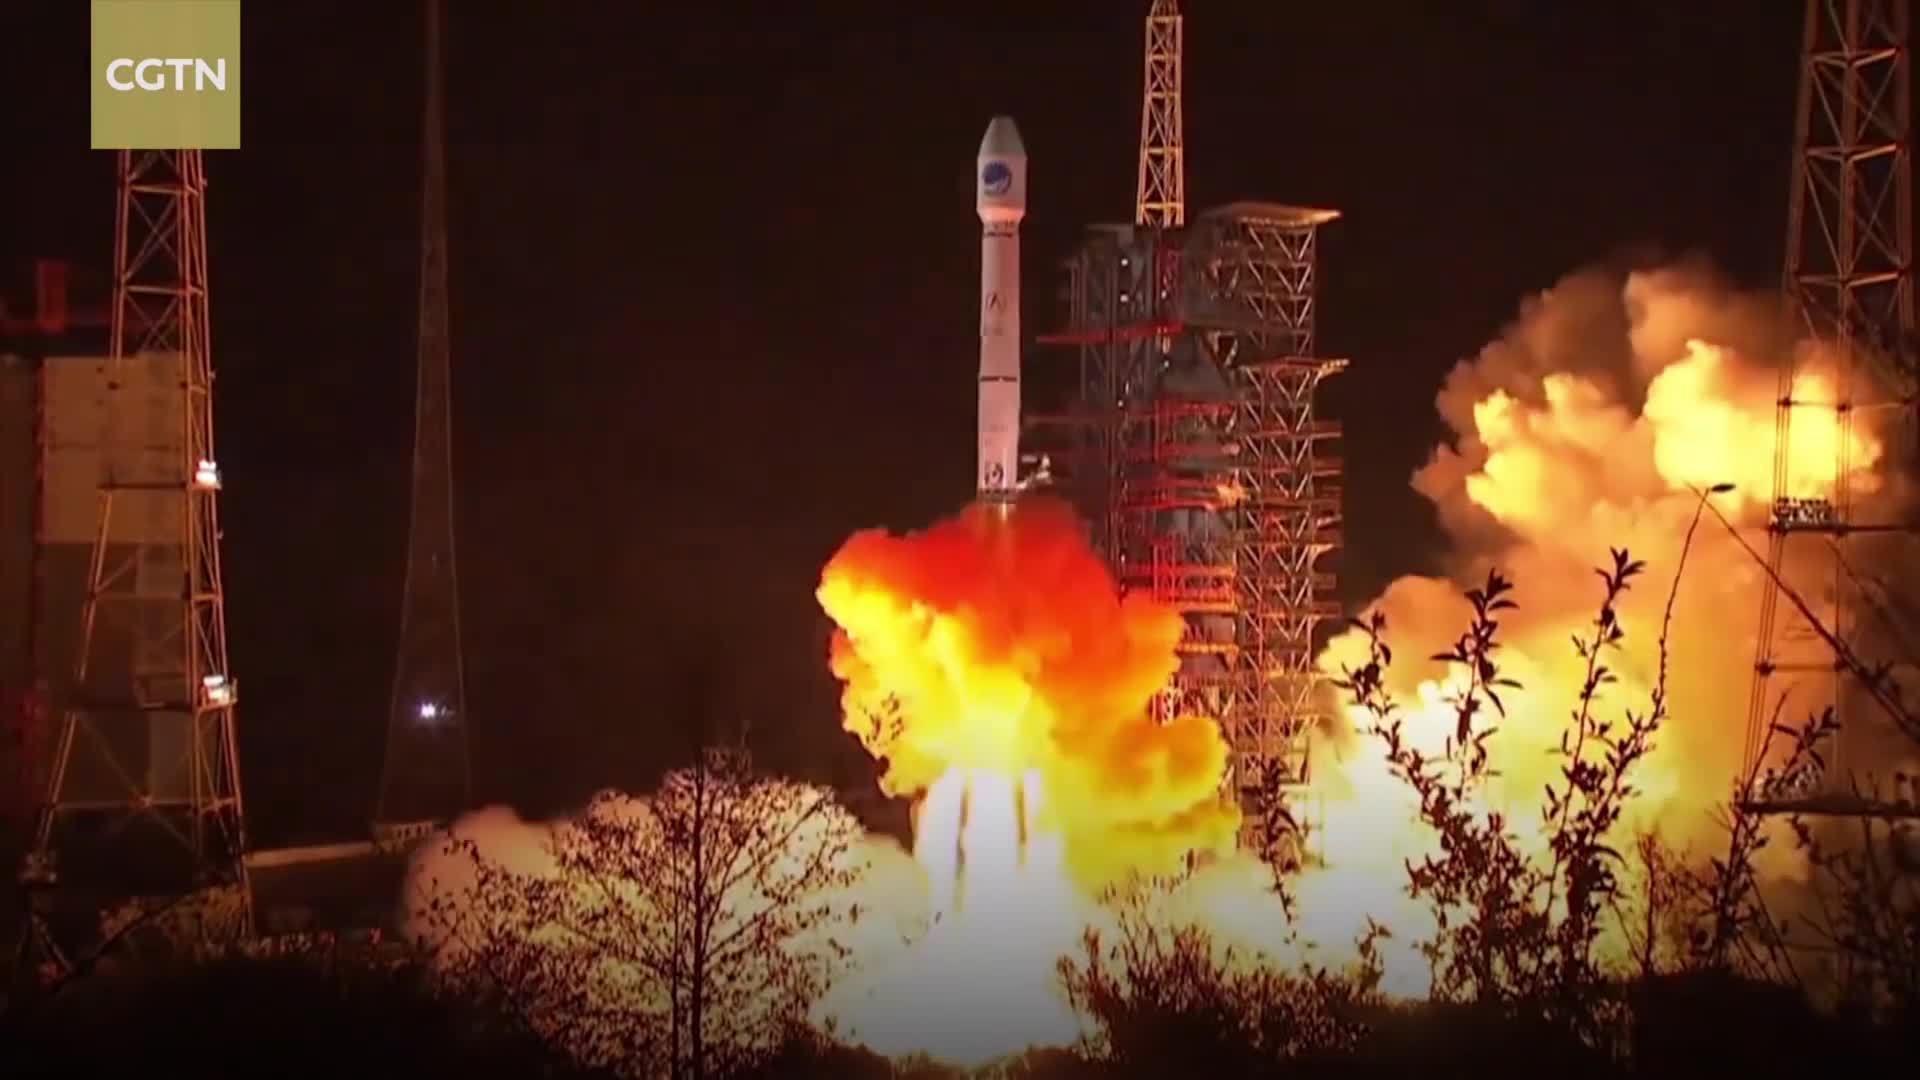 Trung Quốc phóng thành công hai vệ tinh bằng một tên lửa đẩy